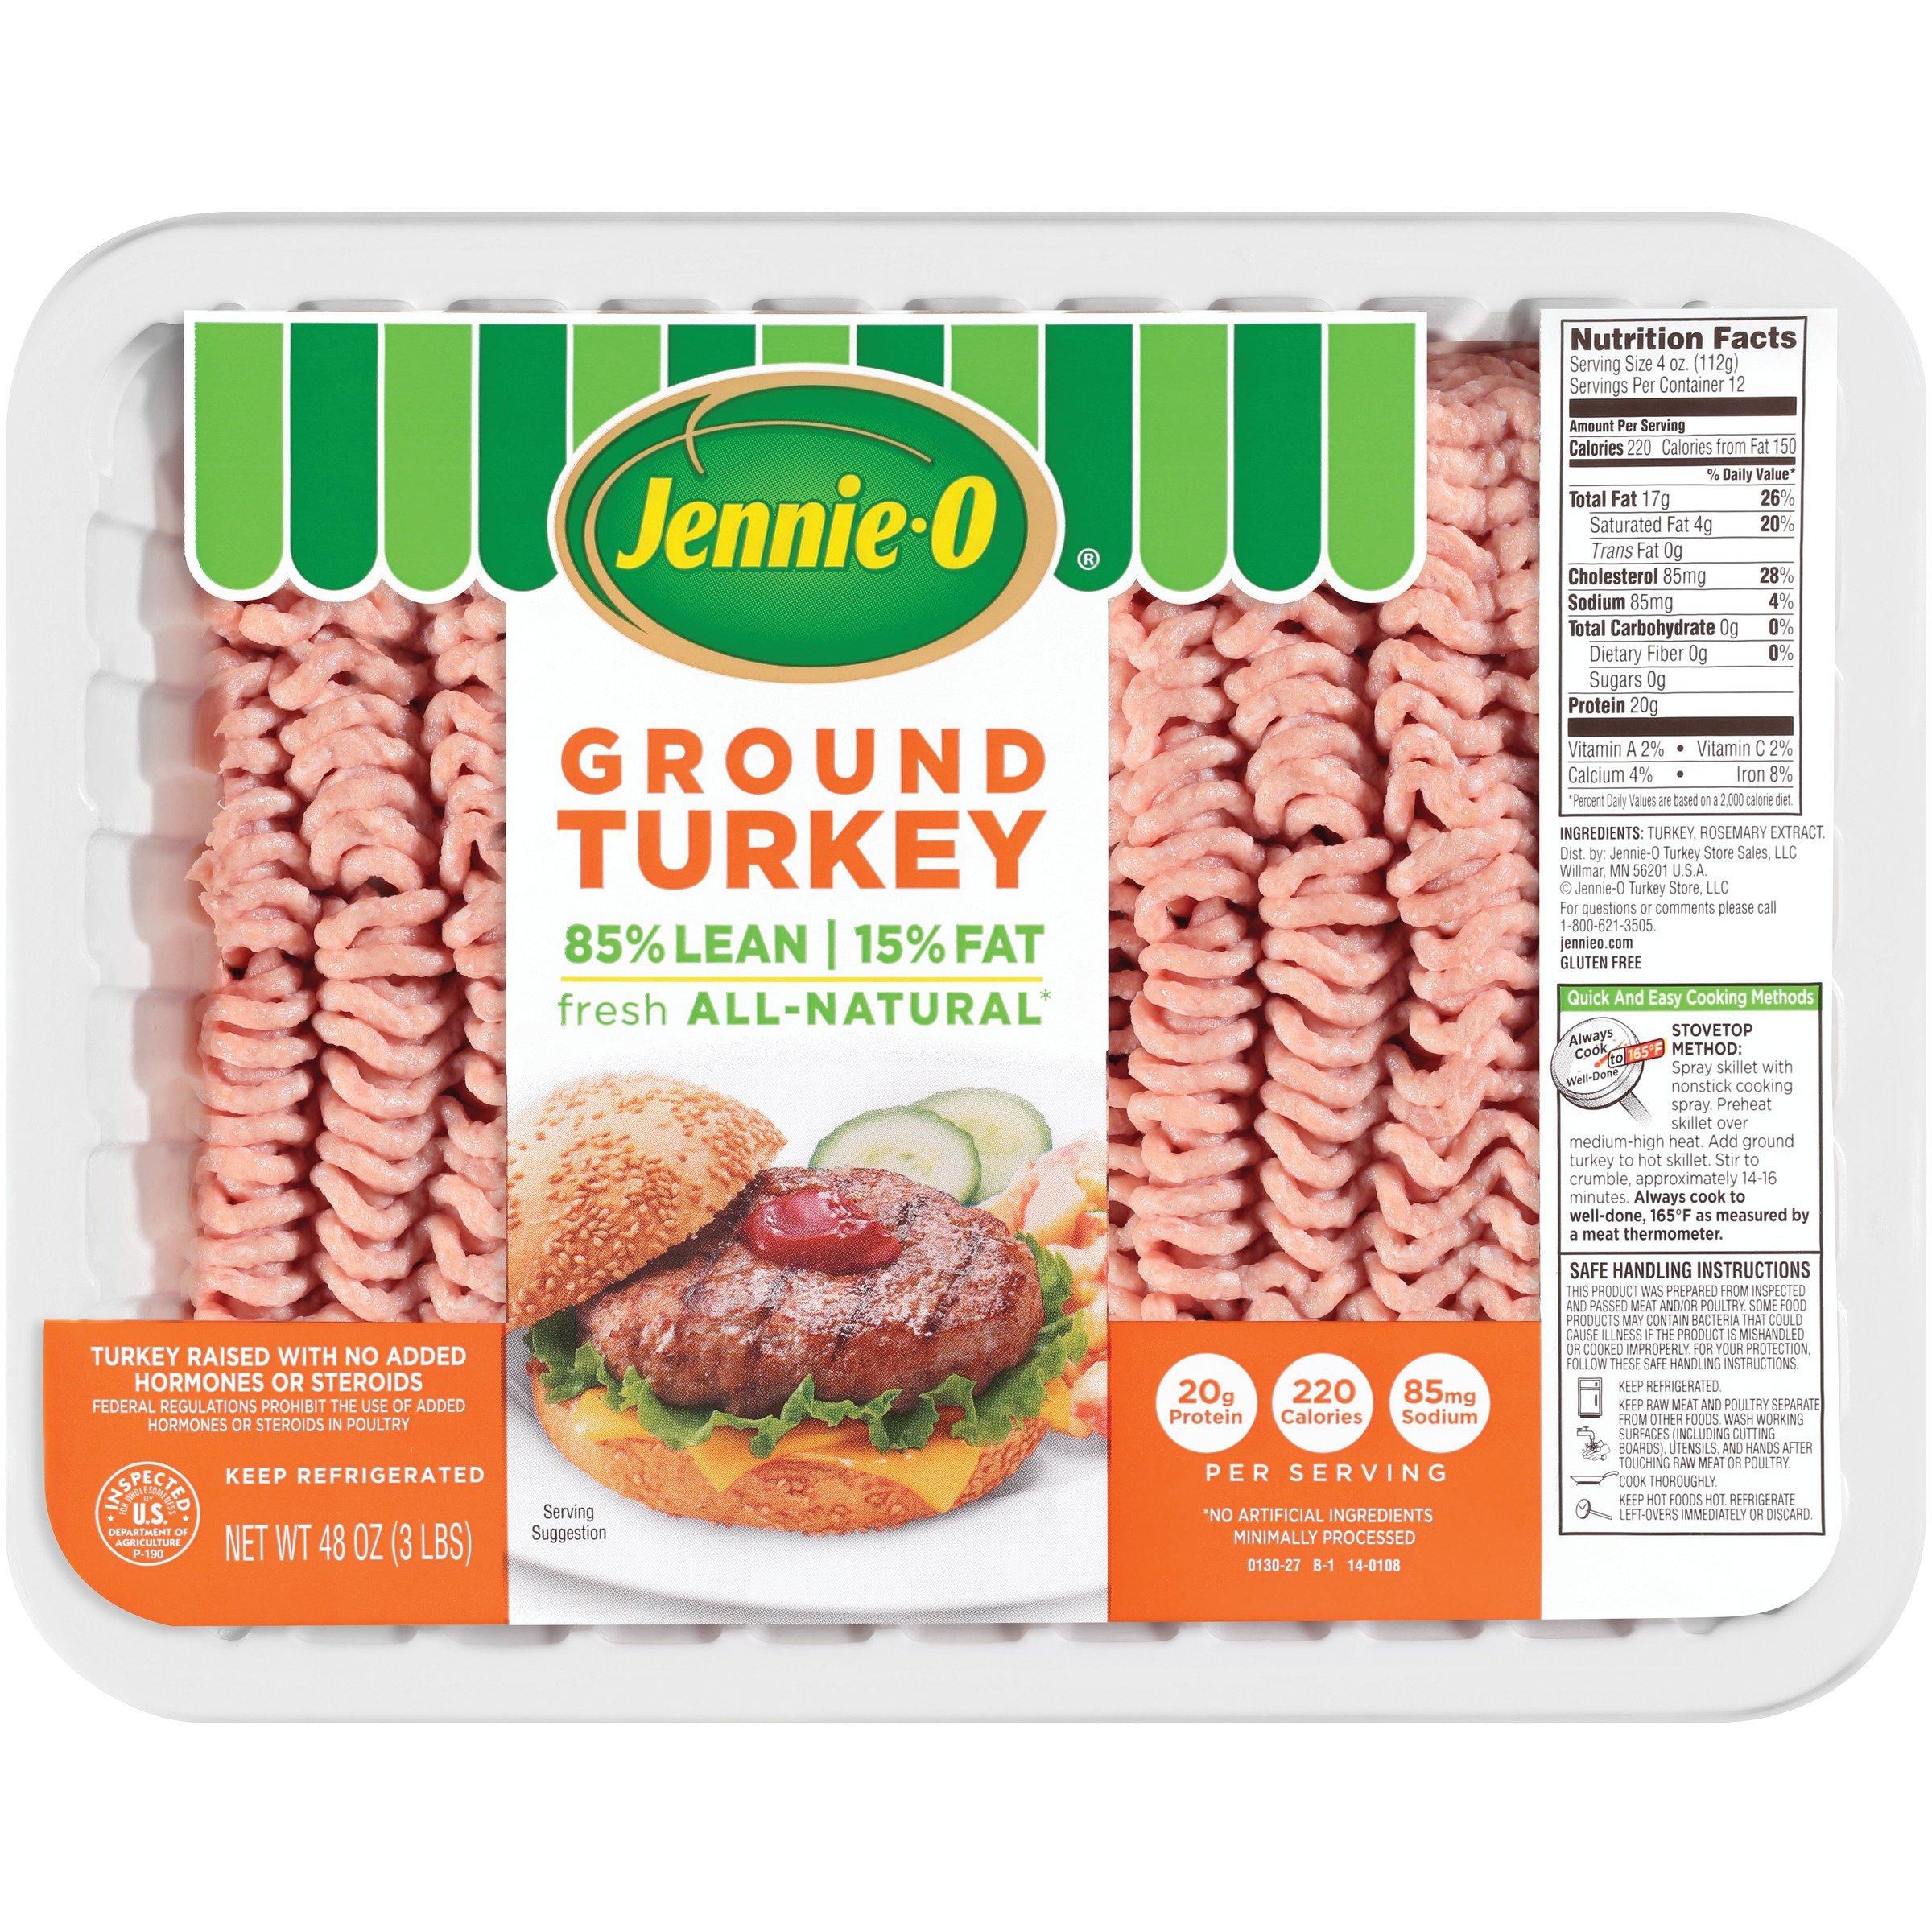 Jennieo Turkey Store 8515 Ground Turkey Shop Turkey At Heb